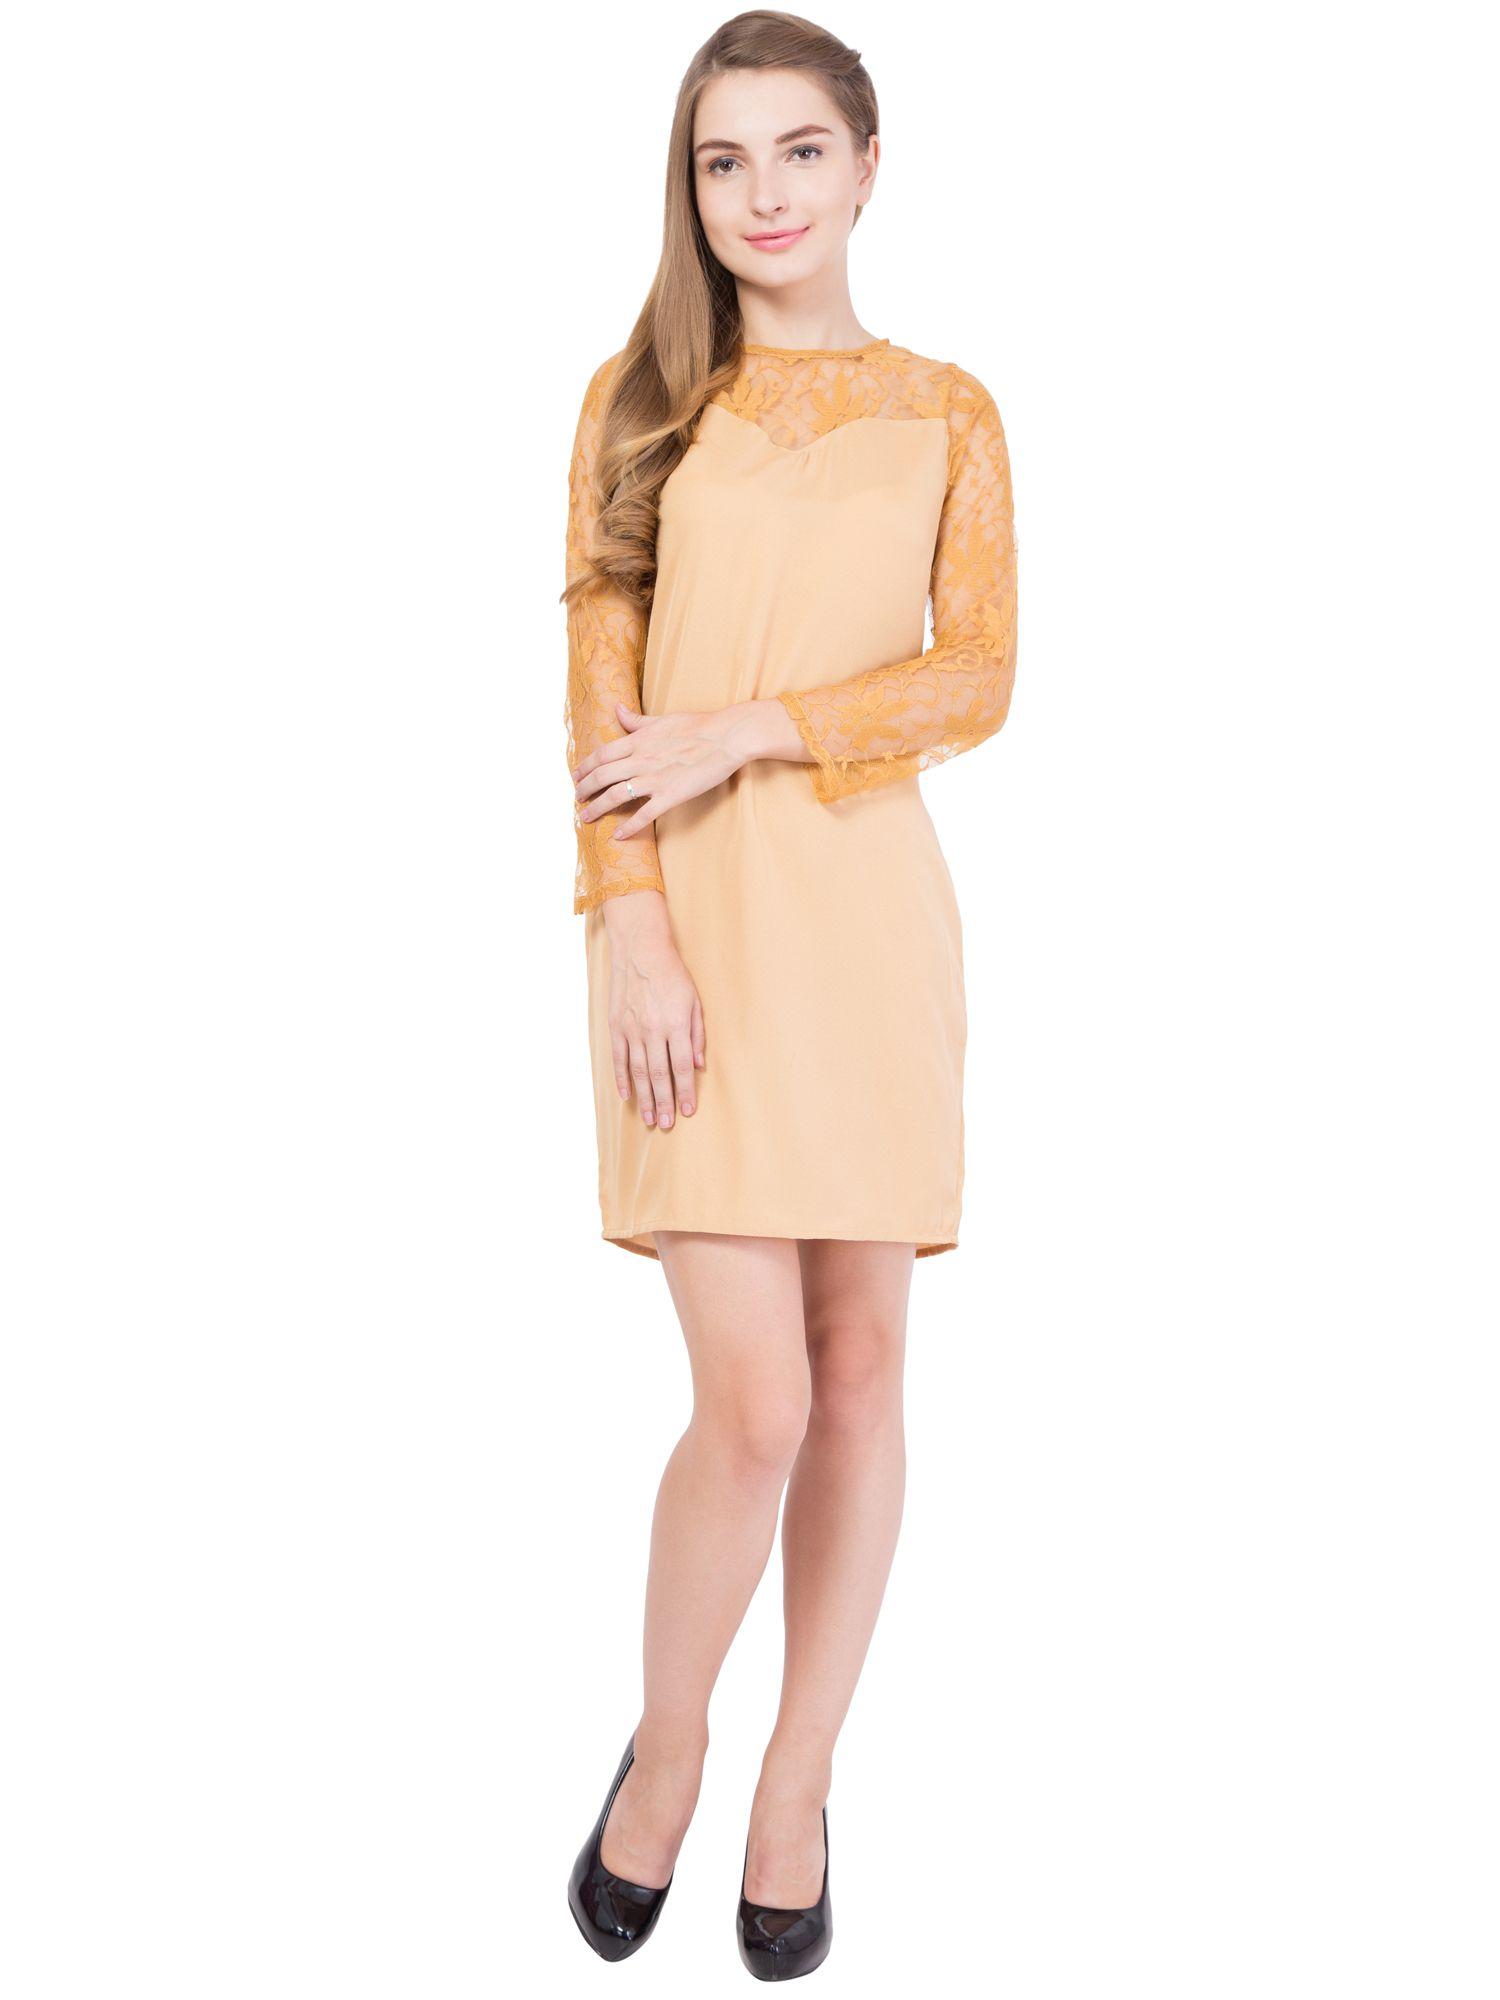 ALVENDA Polyester Gold Bodycon Dress